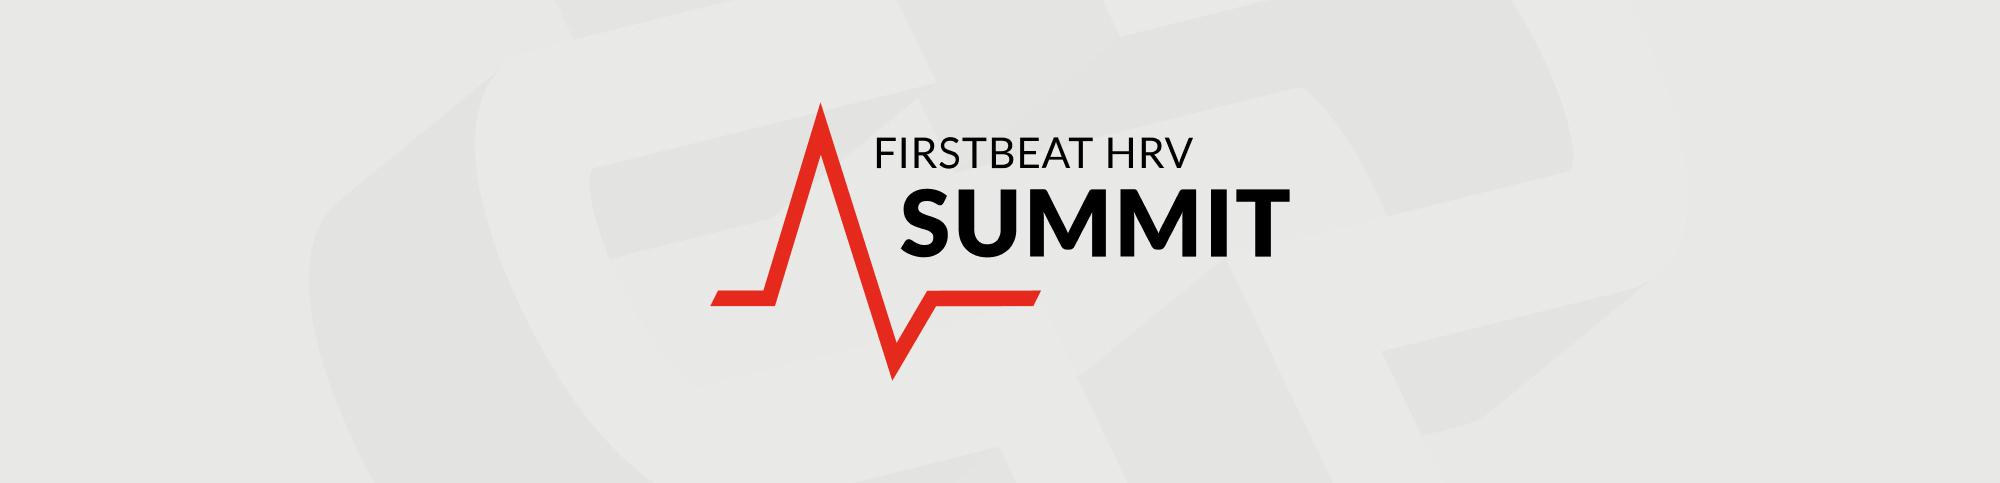 Firstbeat HRV Summit logo